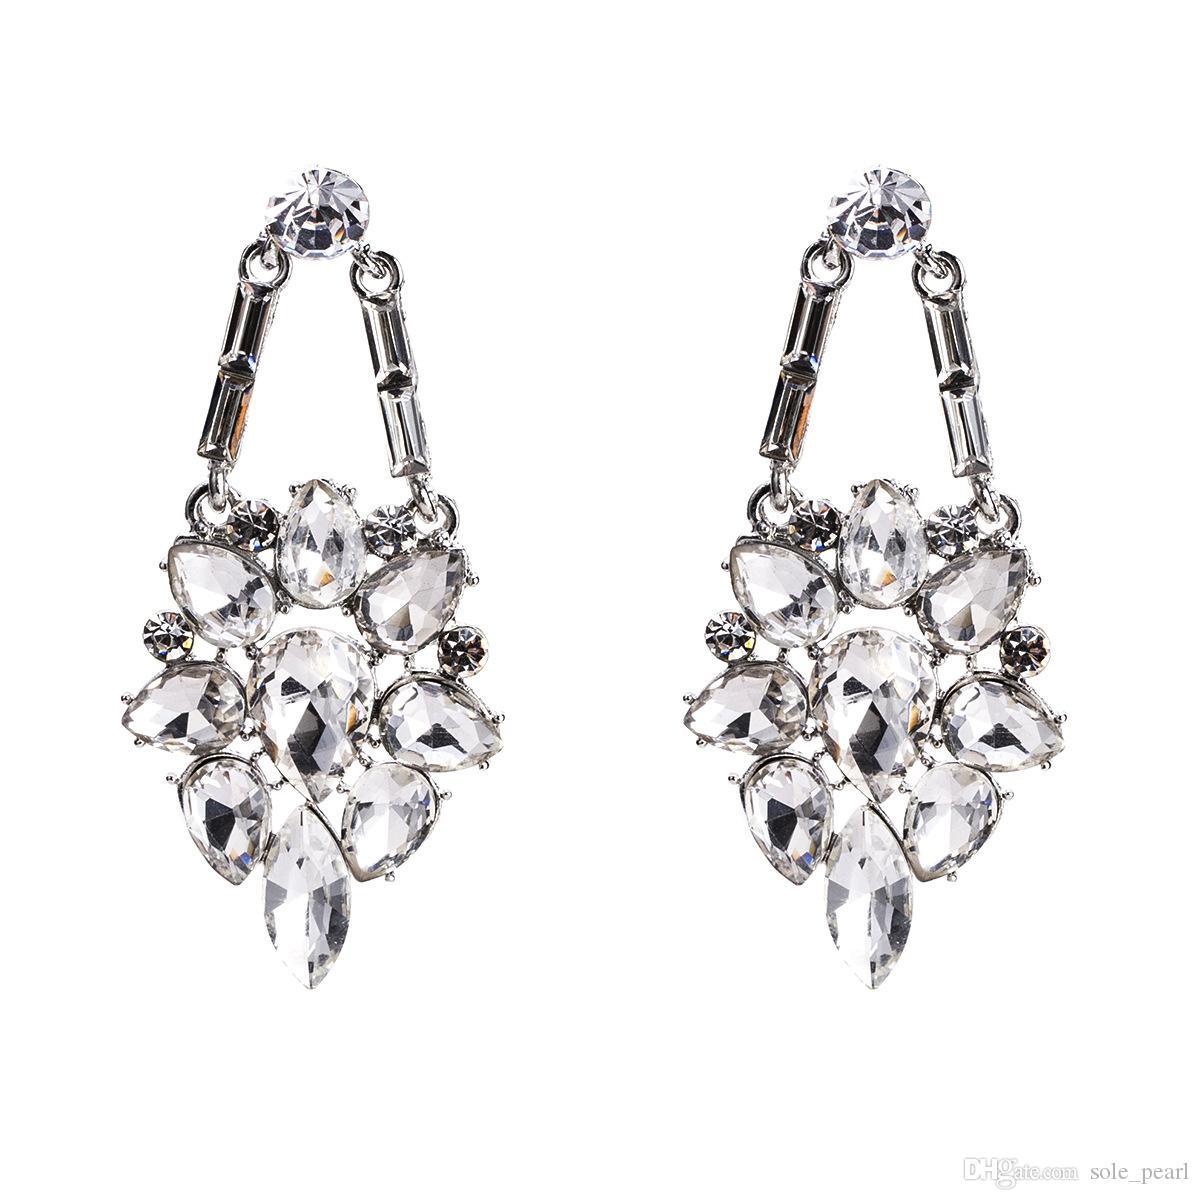 Gland goutte boucles d'oreilles pour les femmes Boho de luxe personnalité Forage de verre Dangle boucles d'oreilles simple Vintage géométrique mode bijoux en gros 2018